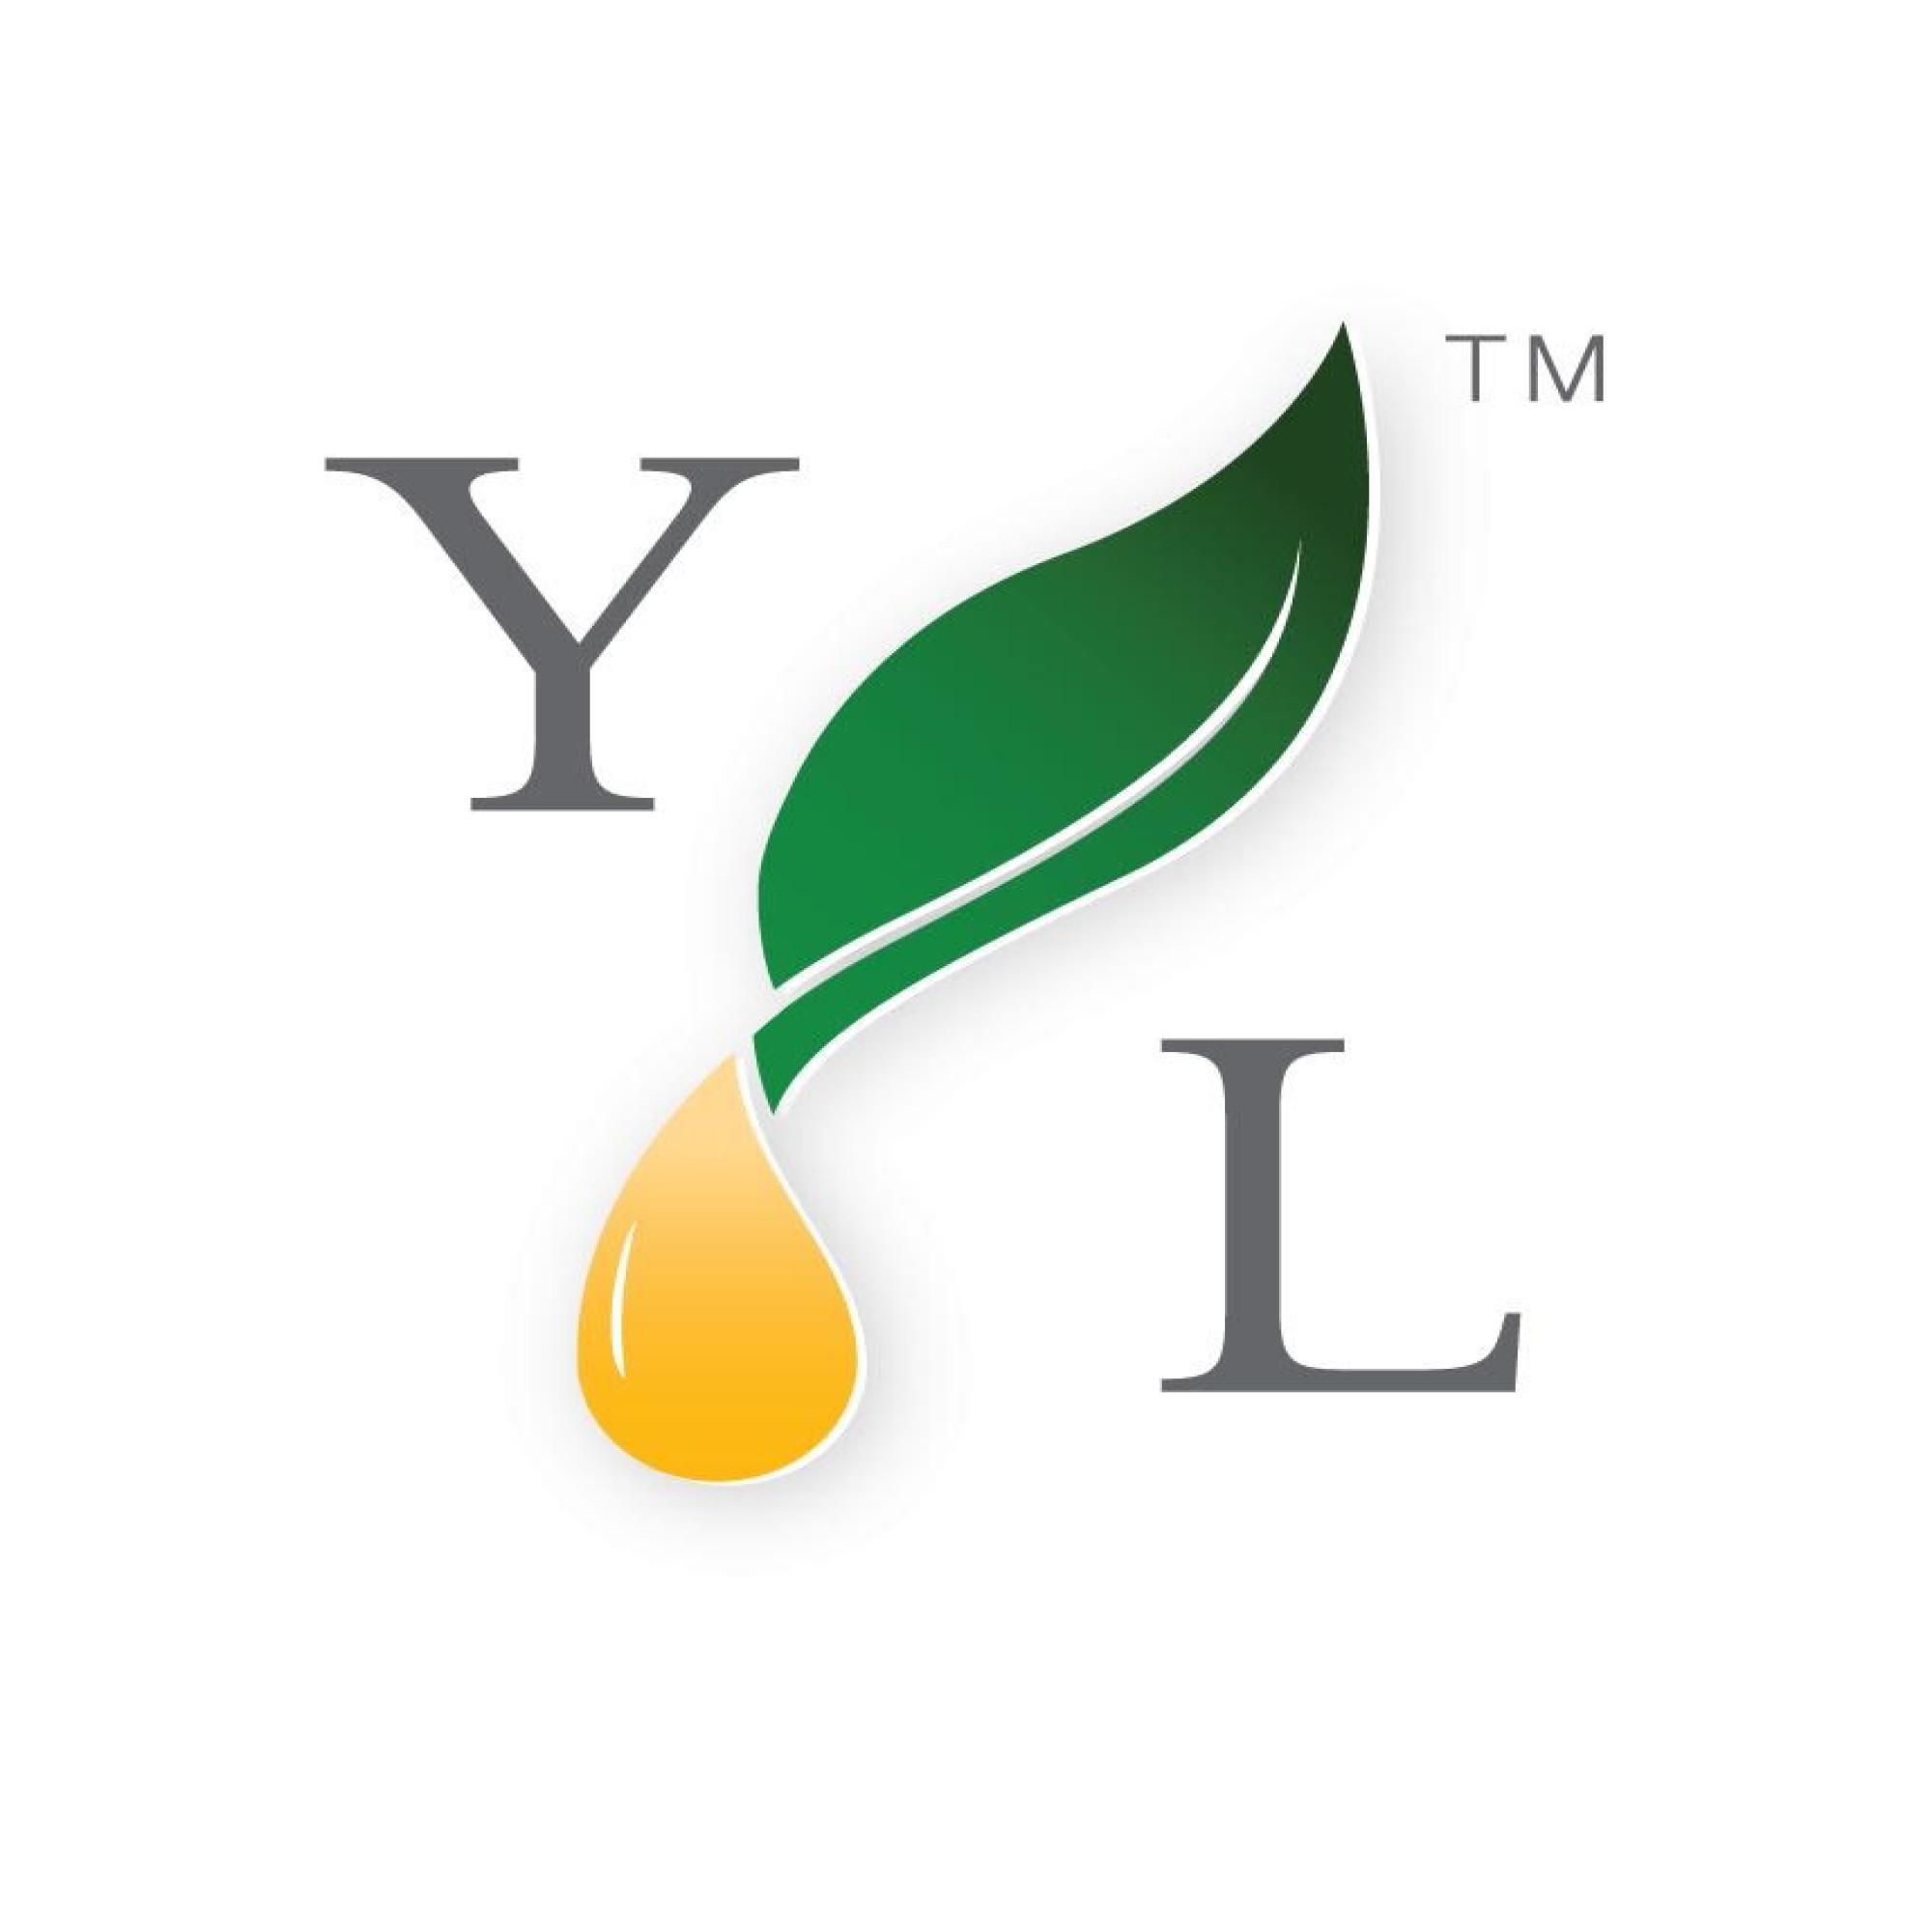 YL oil